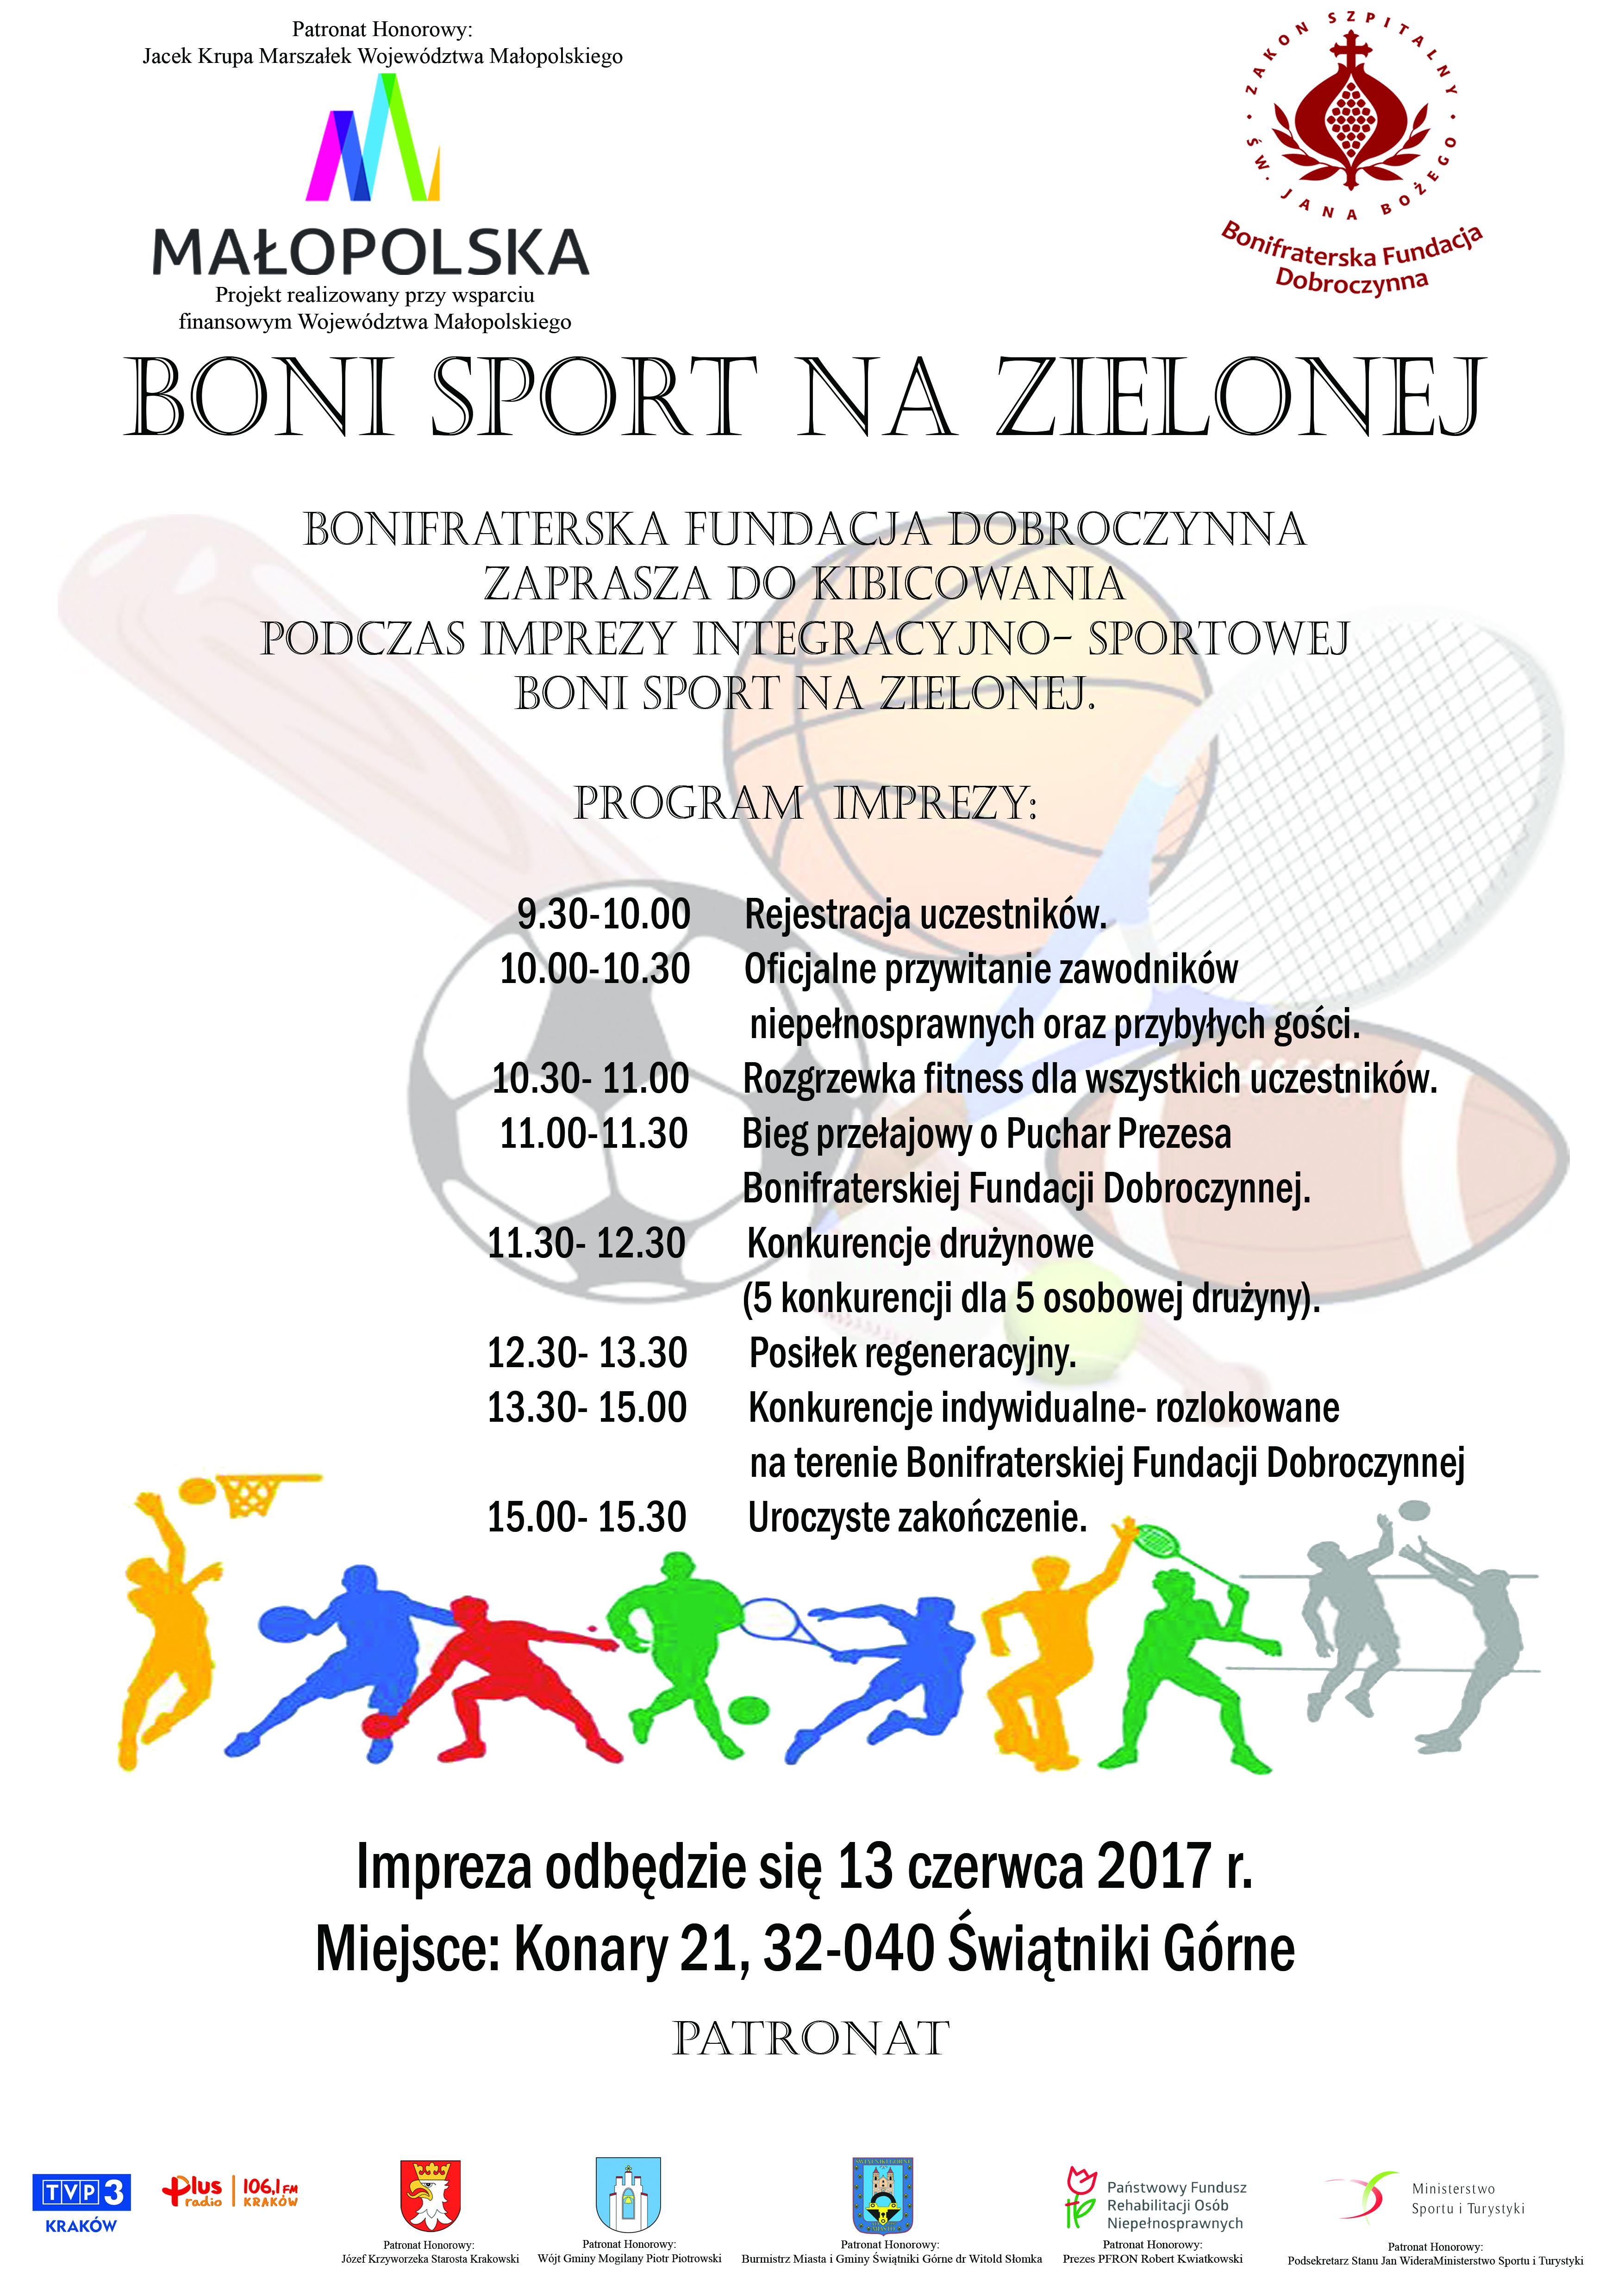 bonisport-plakat